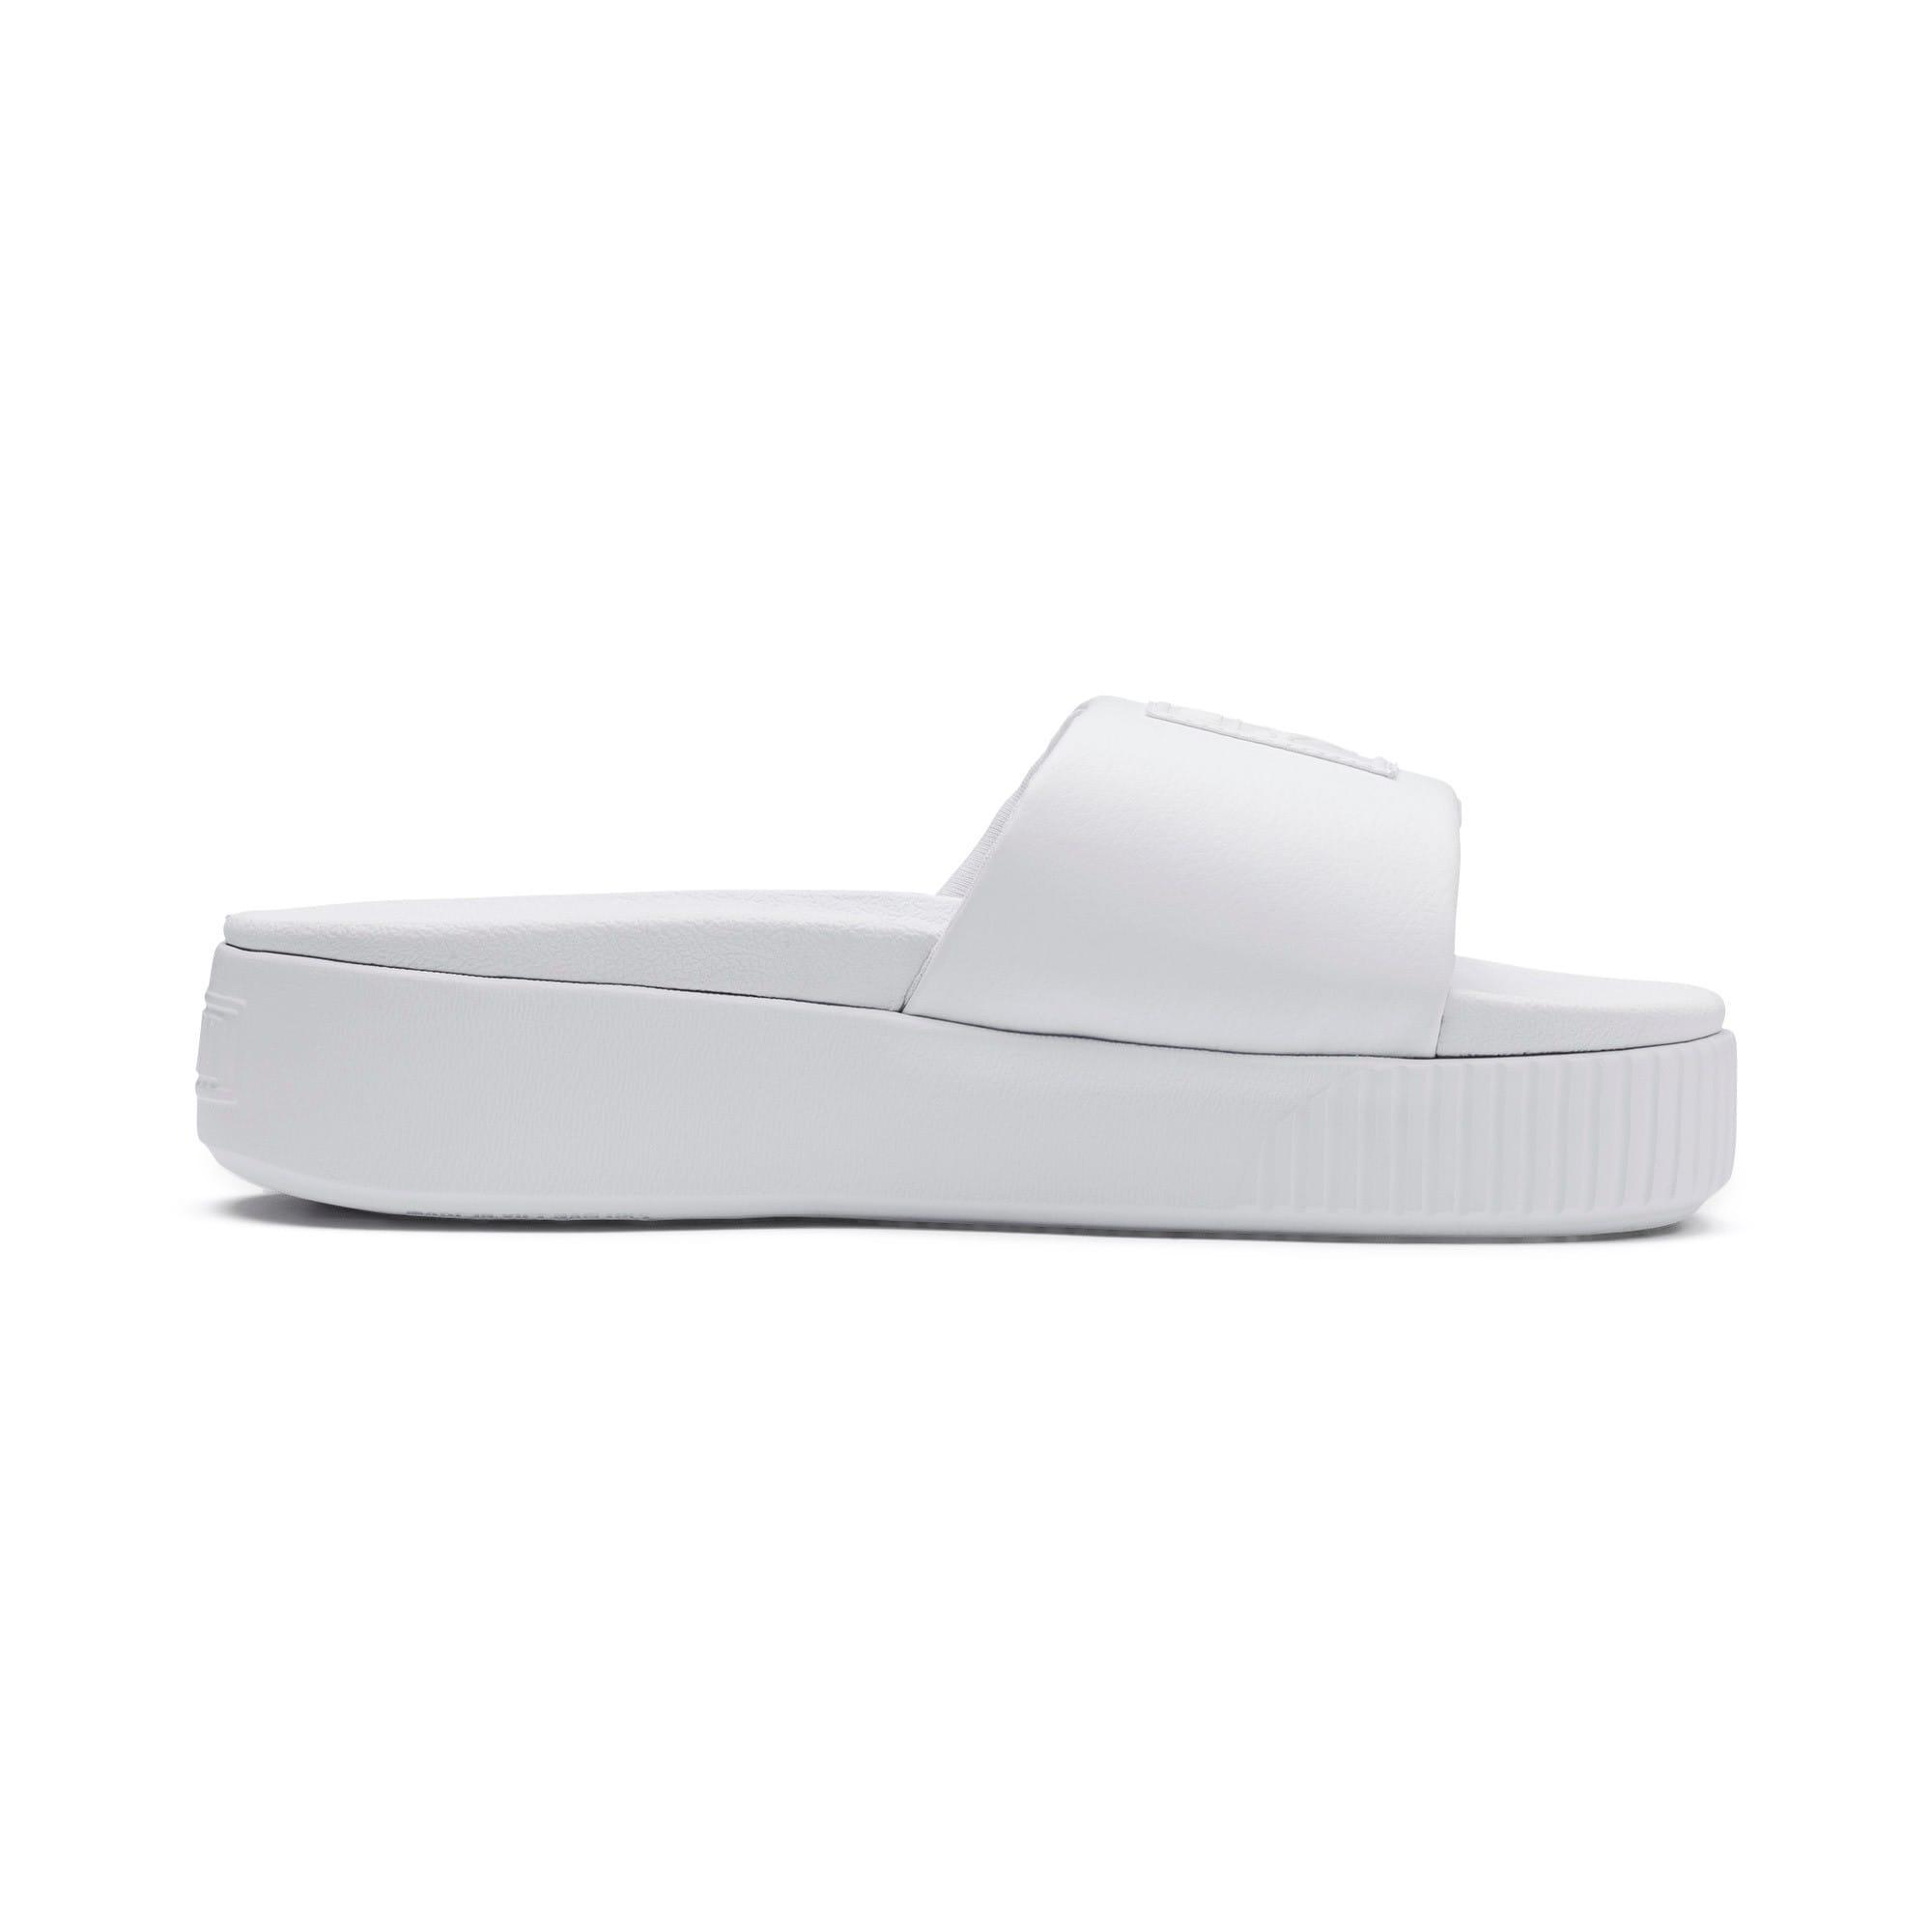 Miniatura 5 de Sandalias con plataforma Slide para mujer, Puma White-Puma White, mediano